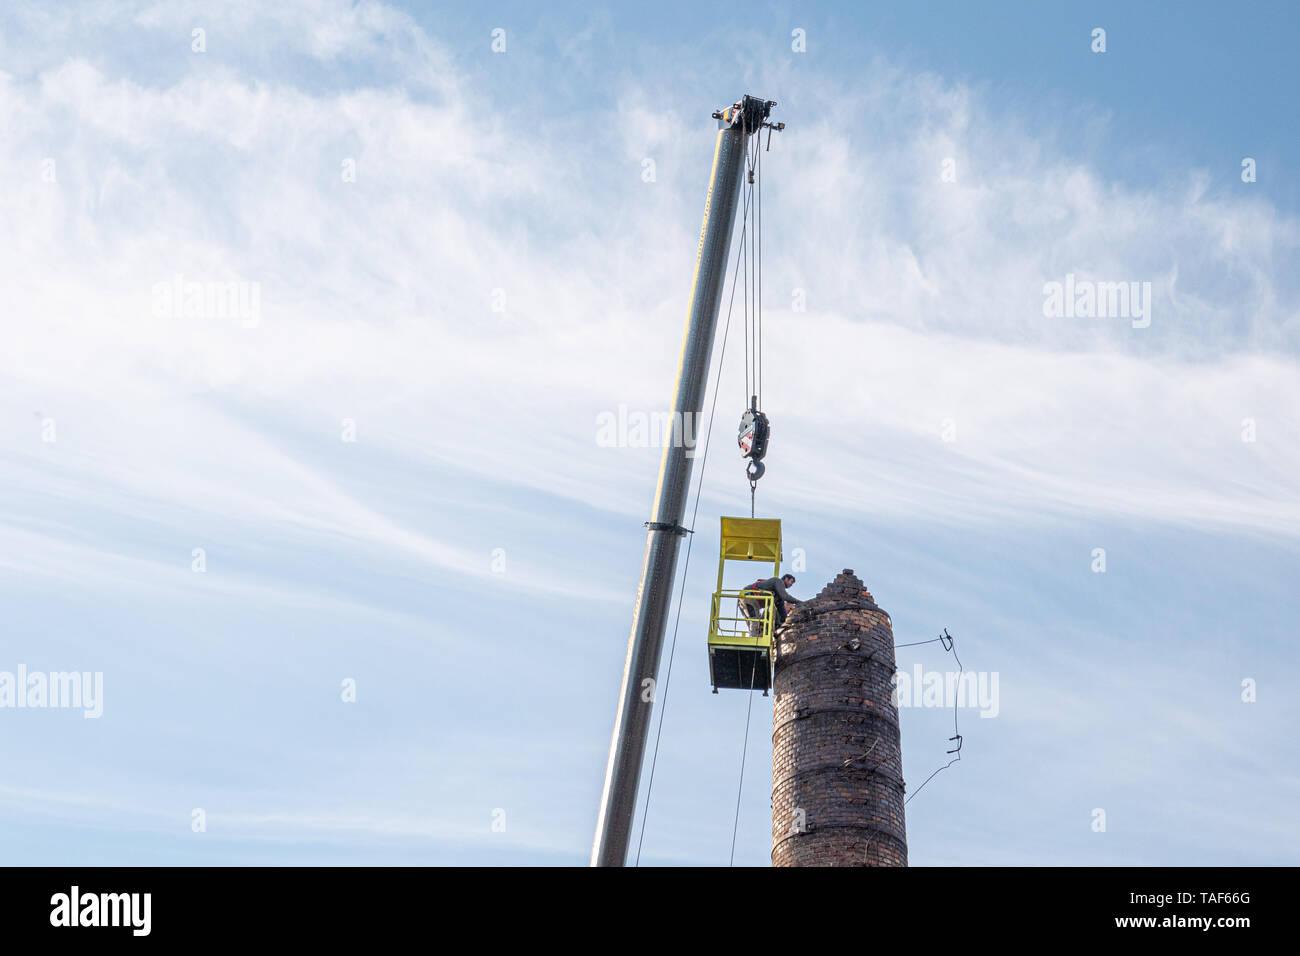 2 Männer in einem Korb hängen von einem riesigen Kran, sorgfältig entfernen einer Fabrik Schornstein Stockfoto